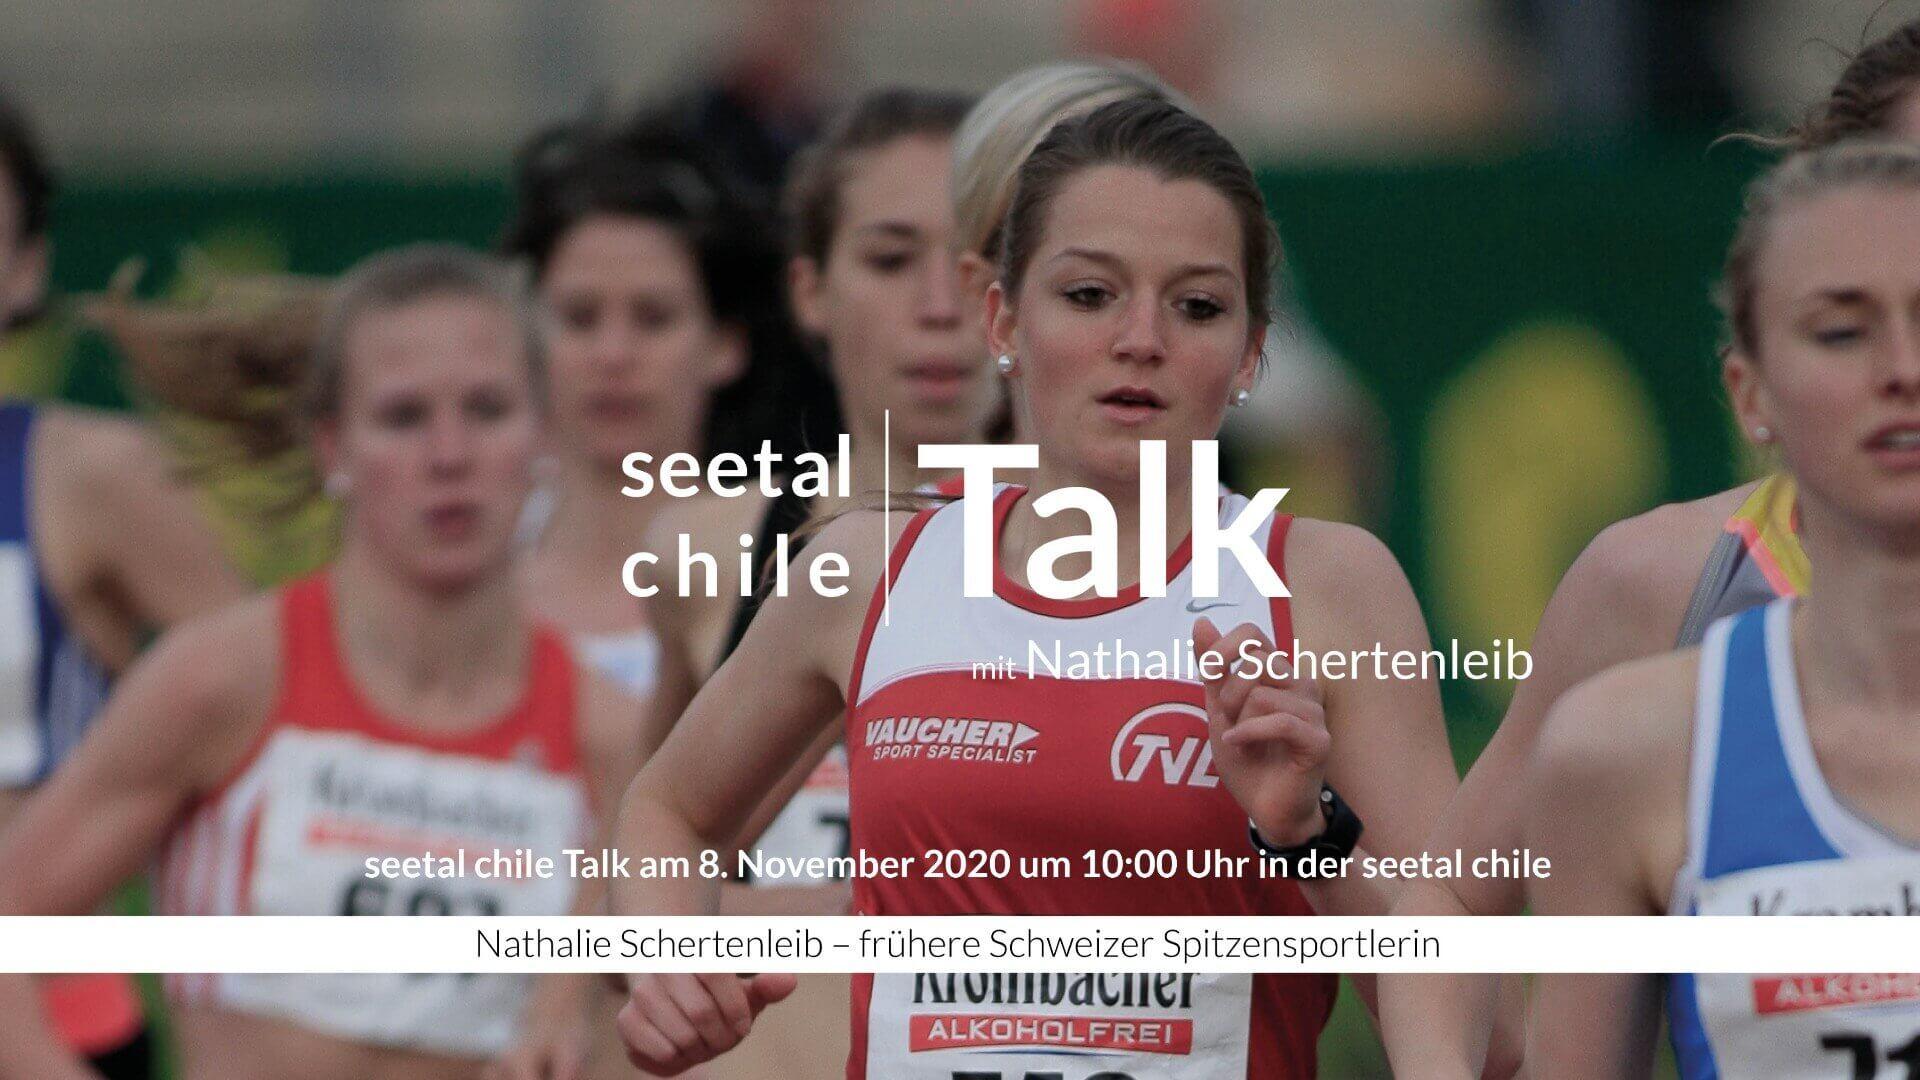 TalkGottesdienst_Nathalie Schertenleib_081120